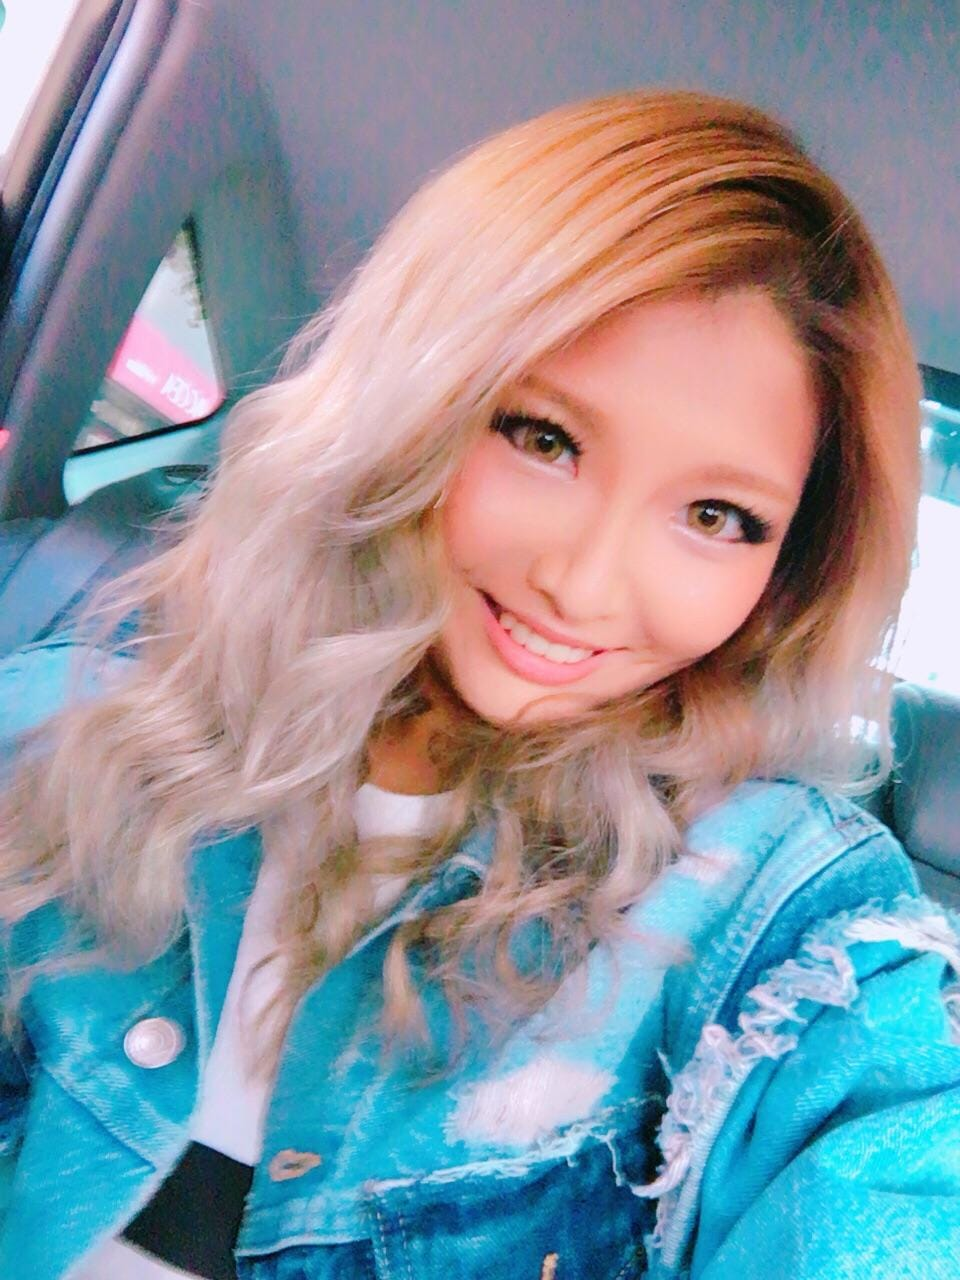 「変更〜」09/22(土) 09:24 | LOIの写メ・風俗動画